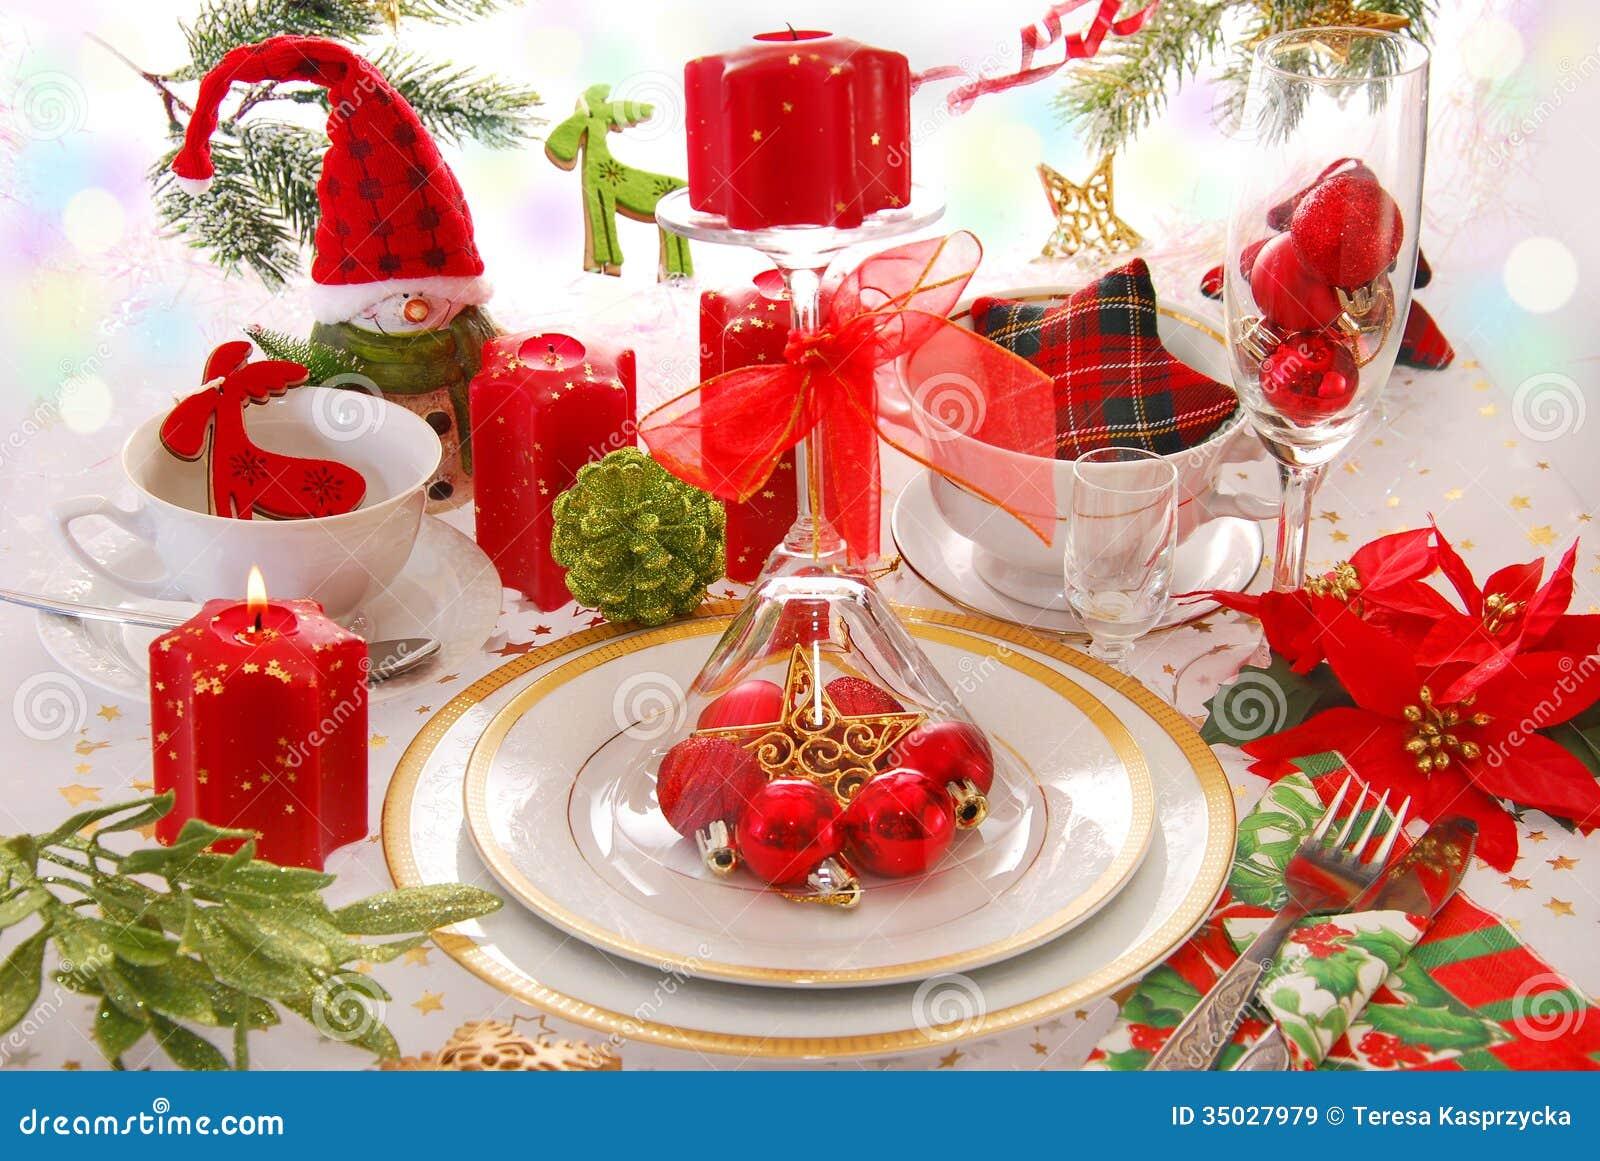 Decorare Candele Di Natale : Decorazione della tavola di natale con le candele rosse immagine